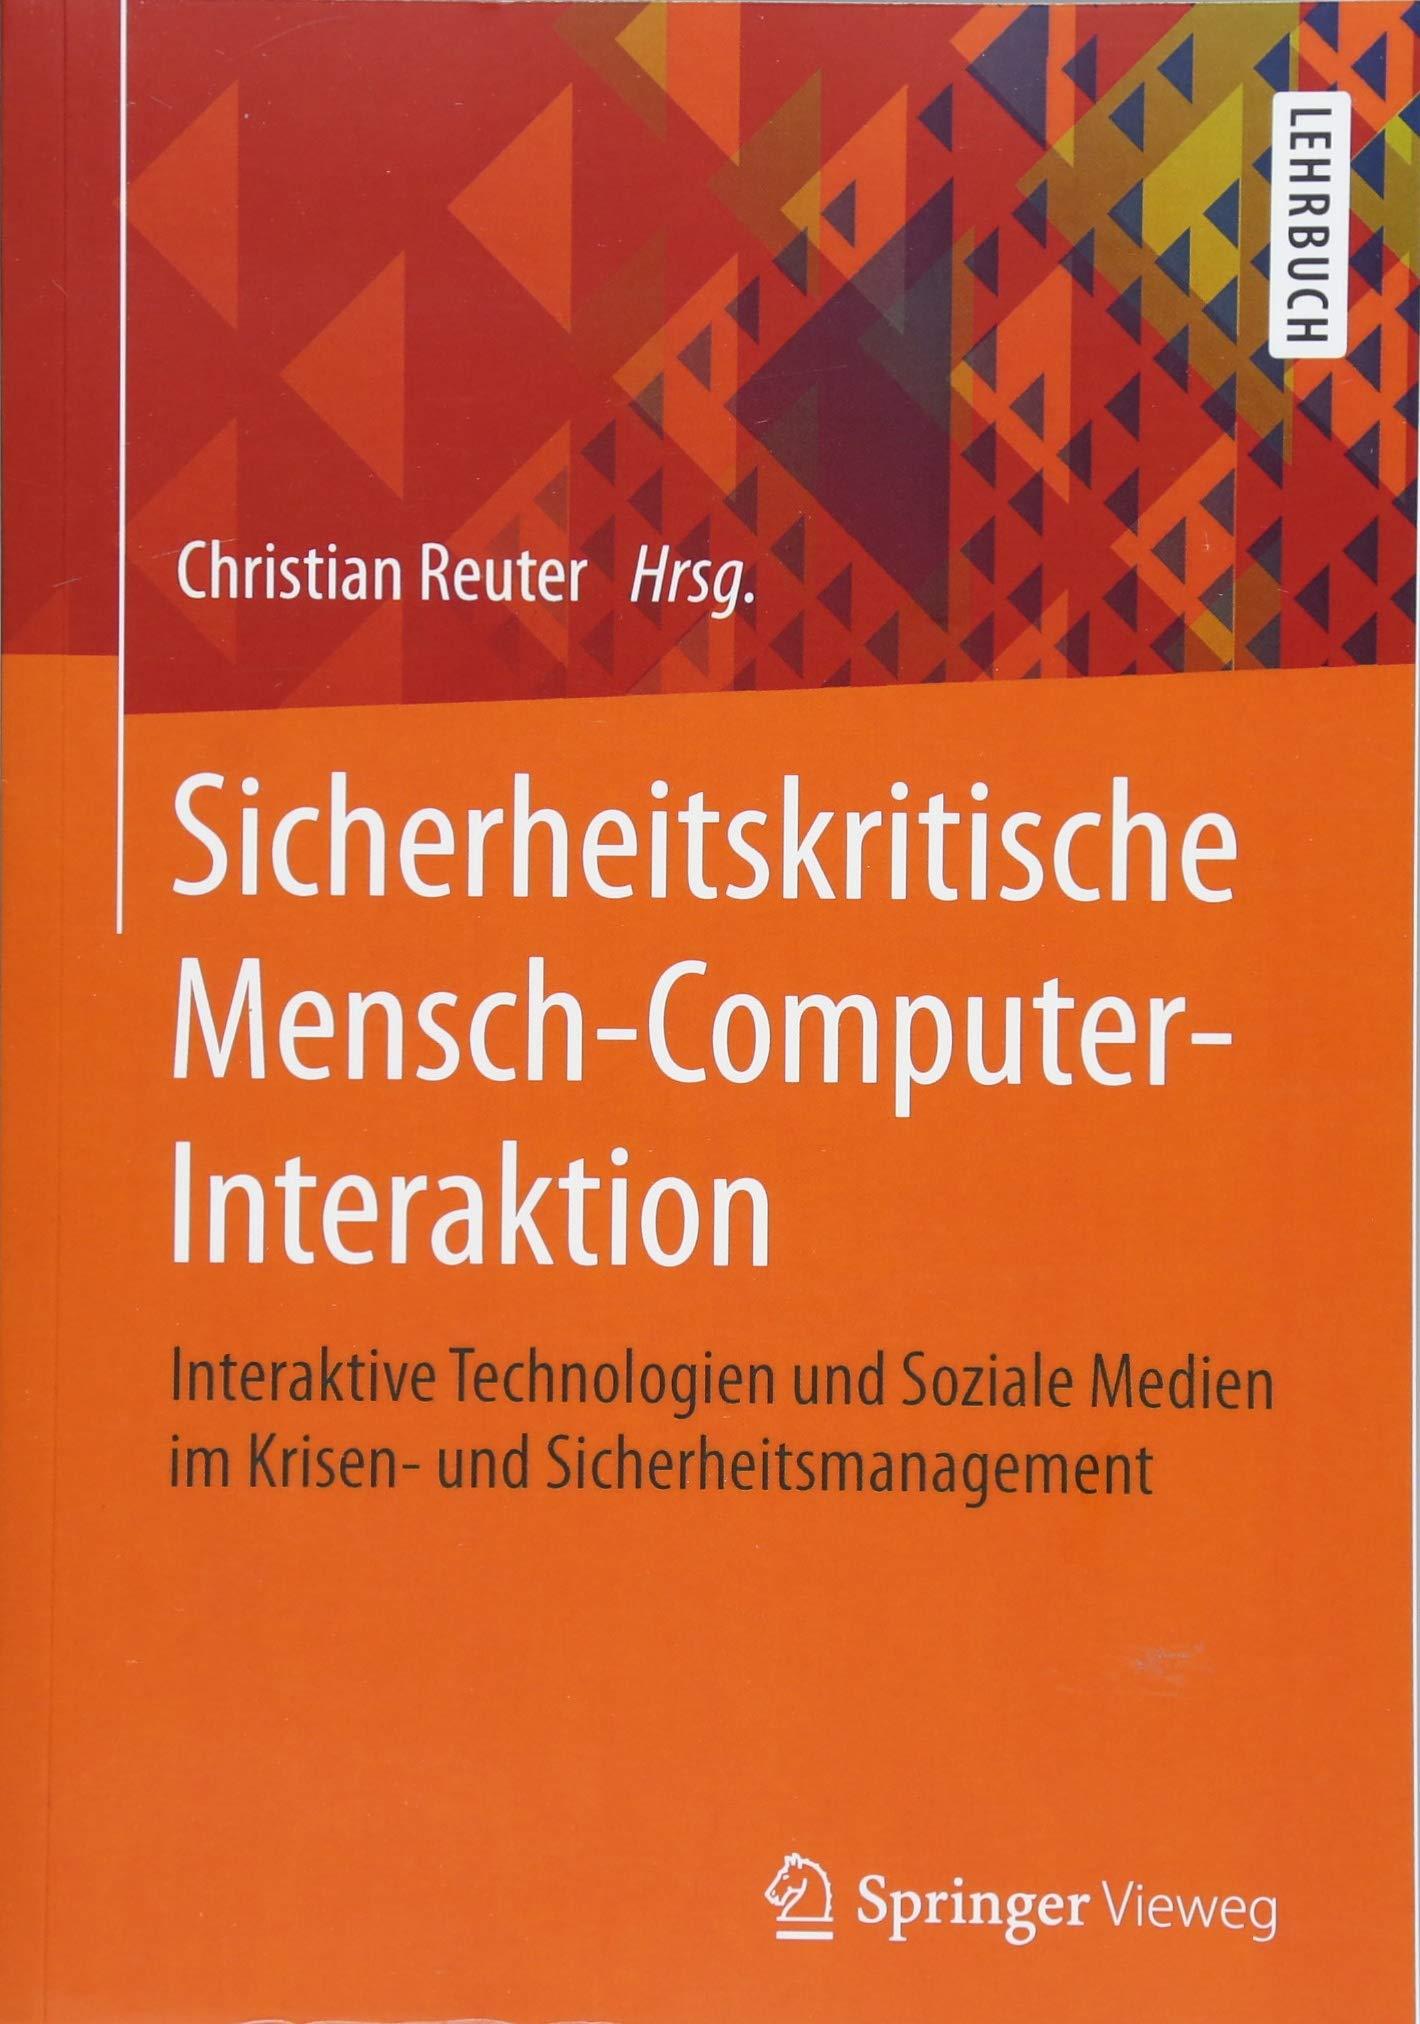 Sicherheitskritische Mensch-Computer-Interaktion: Interaktive Technologien und Soziale Medien im Krisen- und Sicherheitsmanagement (German Edition) pdf epub